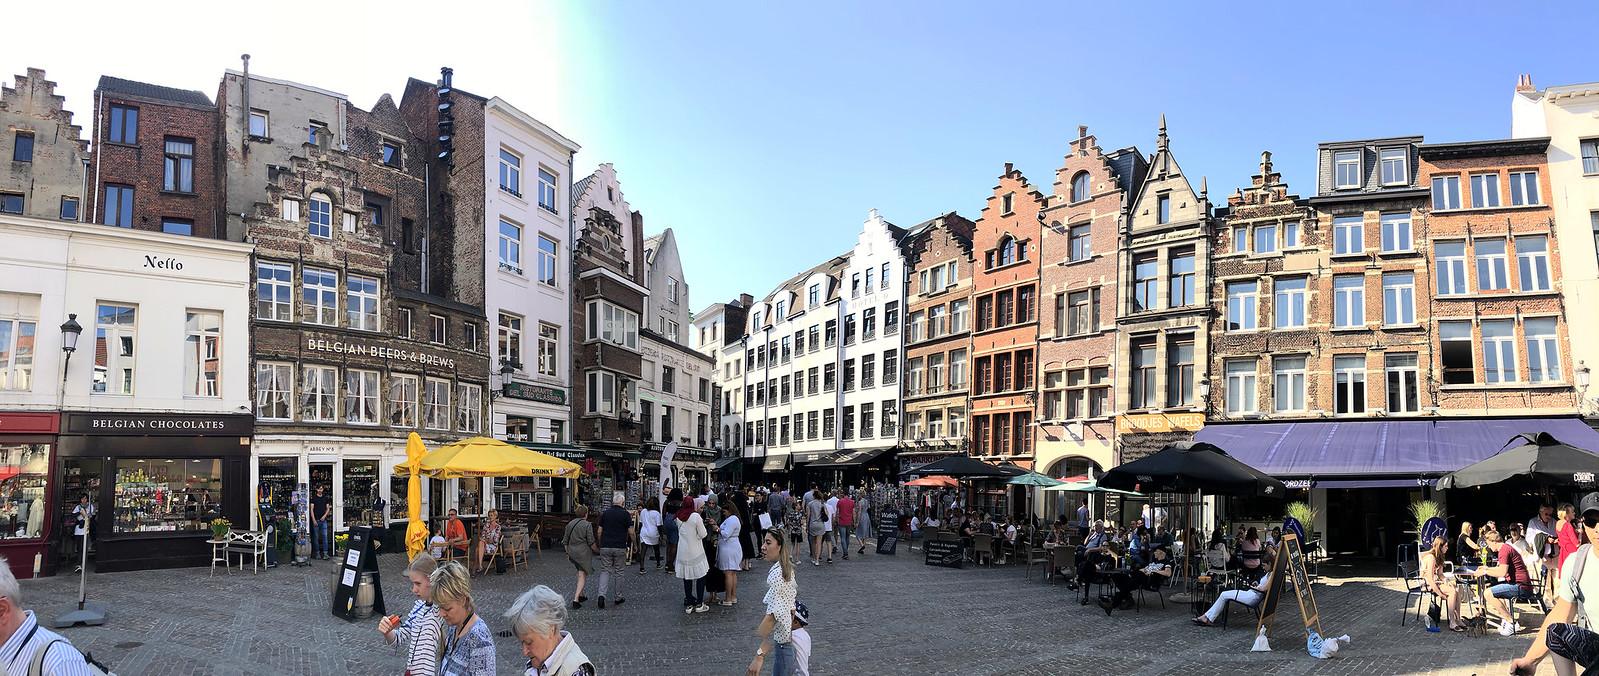 Visitar Amberes en un día, Antwerp in a day, Bélgica, Belgium amberes en un día - 48260795781 6753d72b1a h - Amberes en un día